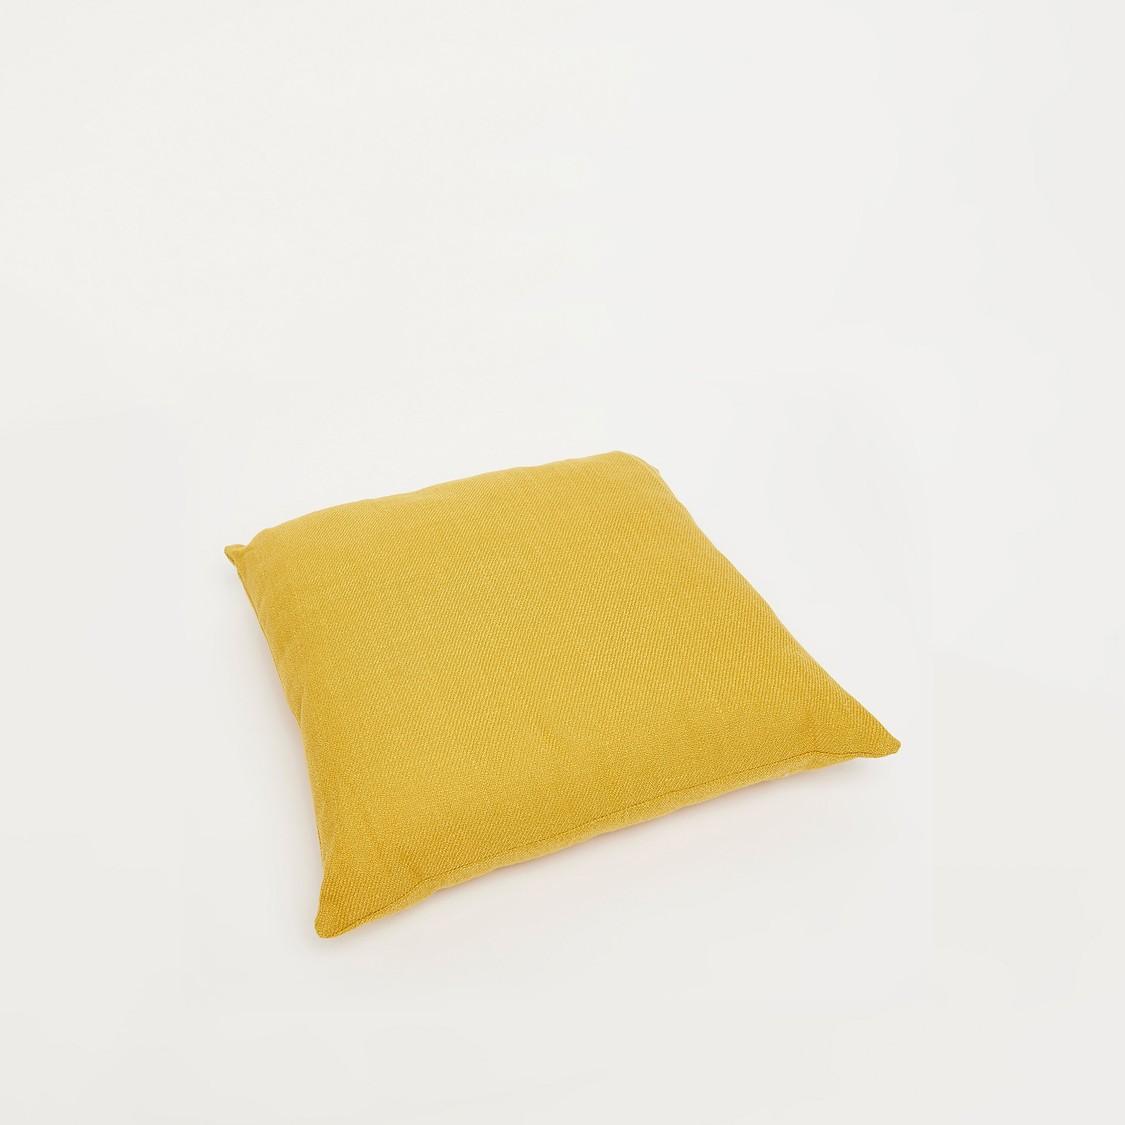 وسادة محشوة مربعة سادة - 43x43 سم